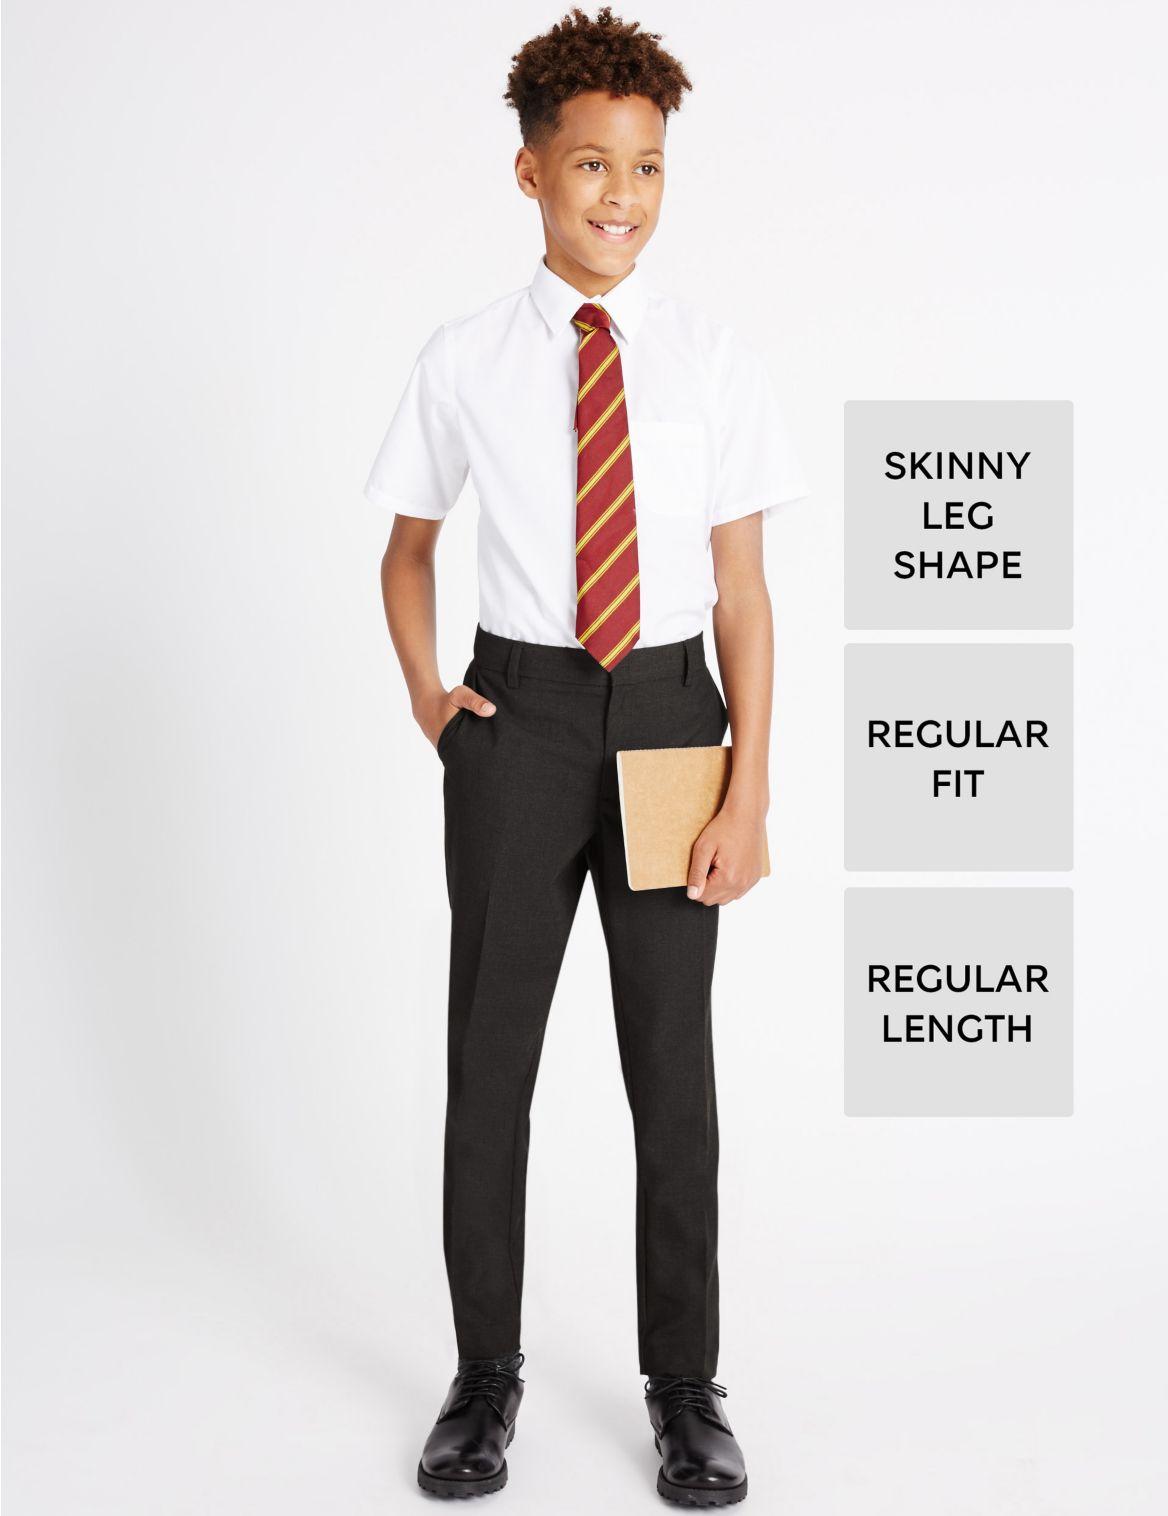 Pantalon jeune homme sans pinces coupe skinny. StyleForme du produit:Pantalons;Coupe:Coupe standard;Fermeture:Crochet, rabat et fermeture ? glis